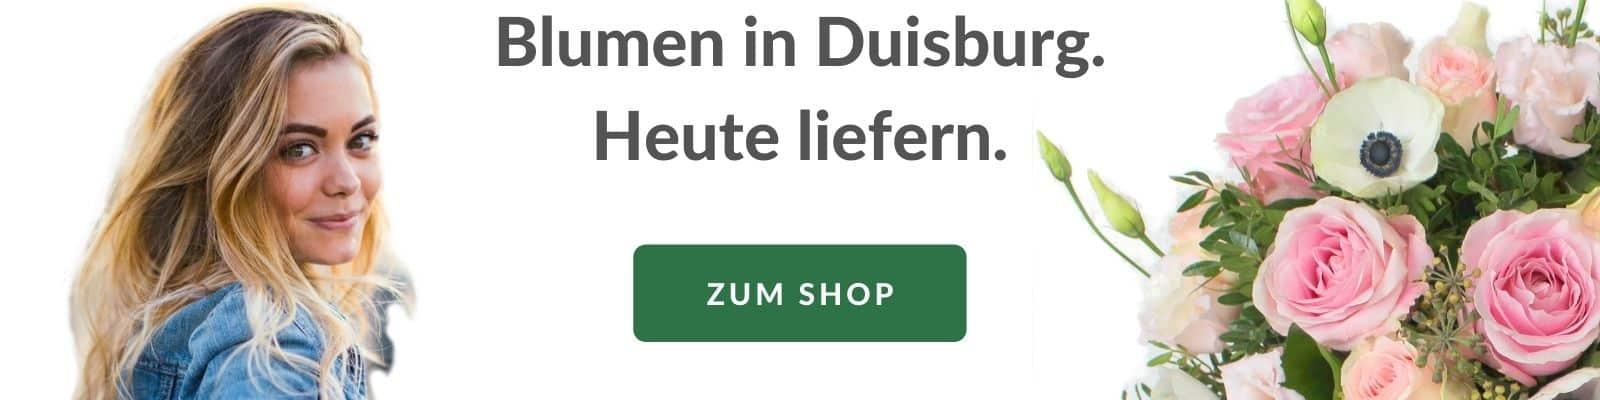 Blumen verschicken Duisburg - Blumenversand